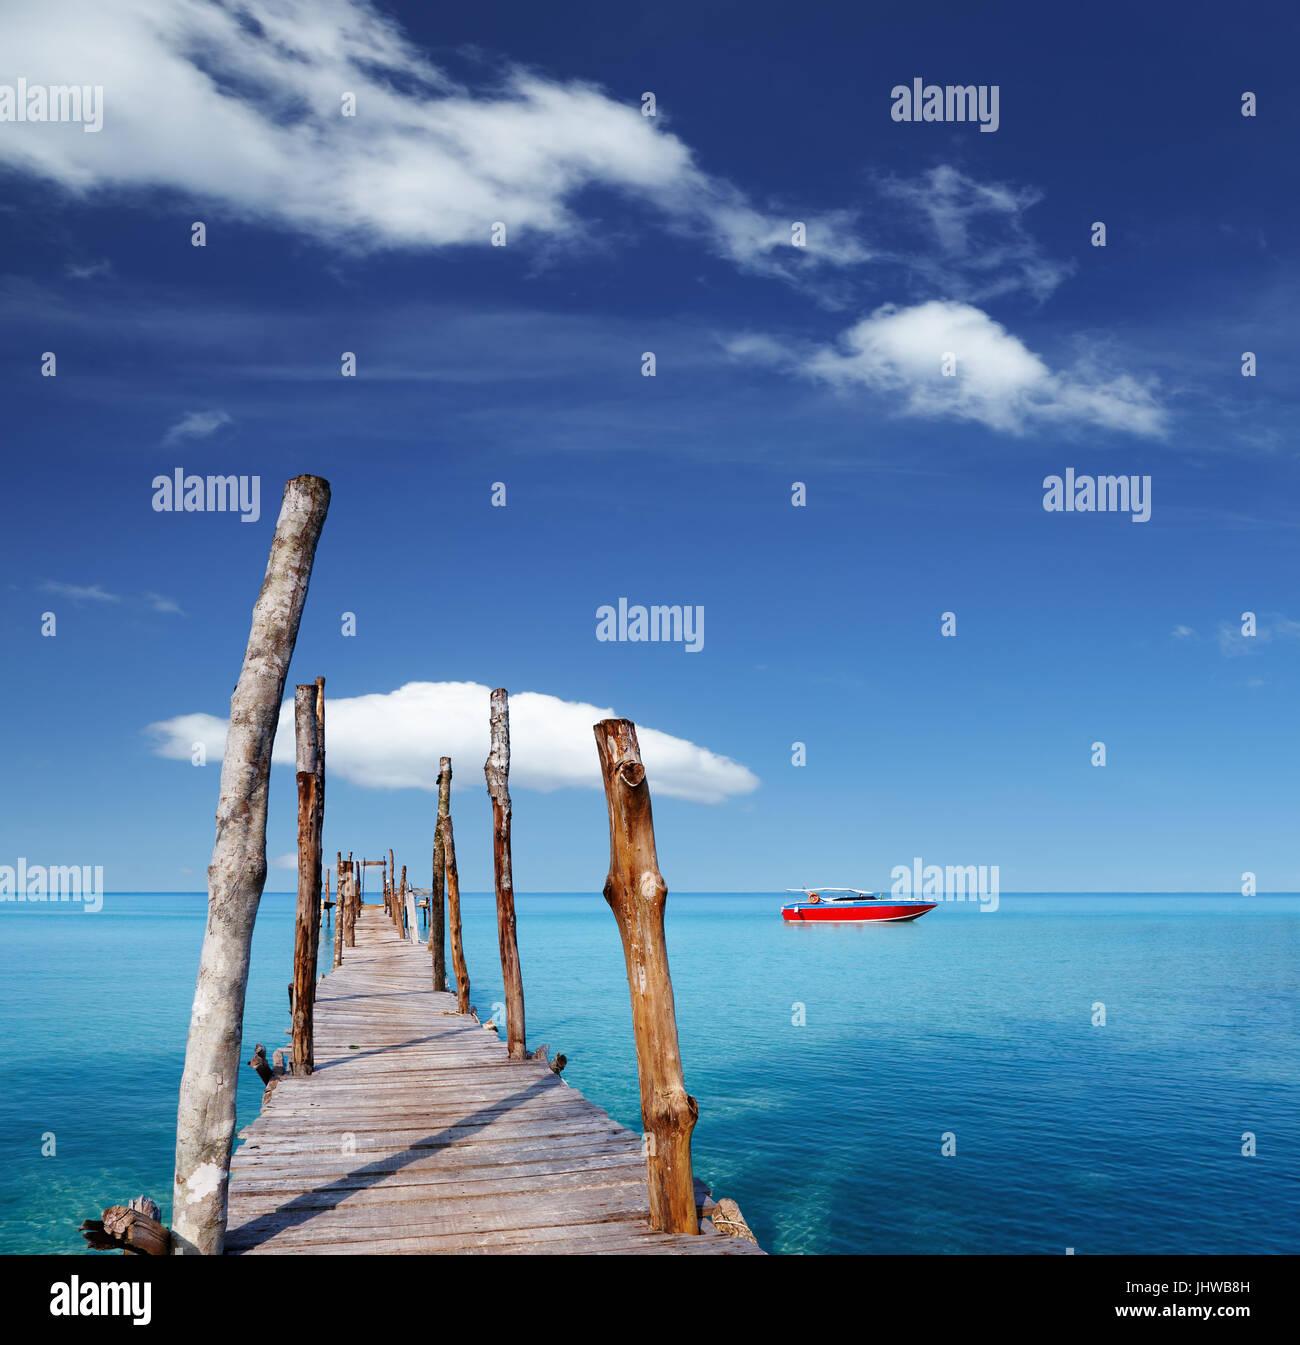 Muelle de madera en una isla tropical, el mar y el cielo azul Imagen De Stock